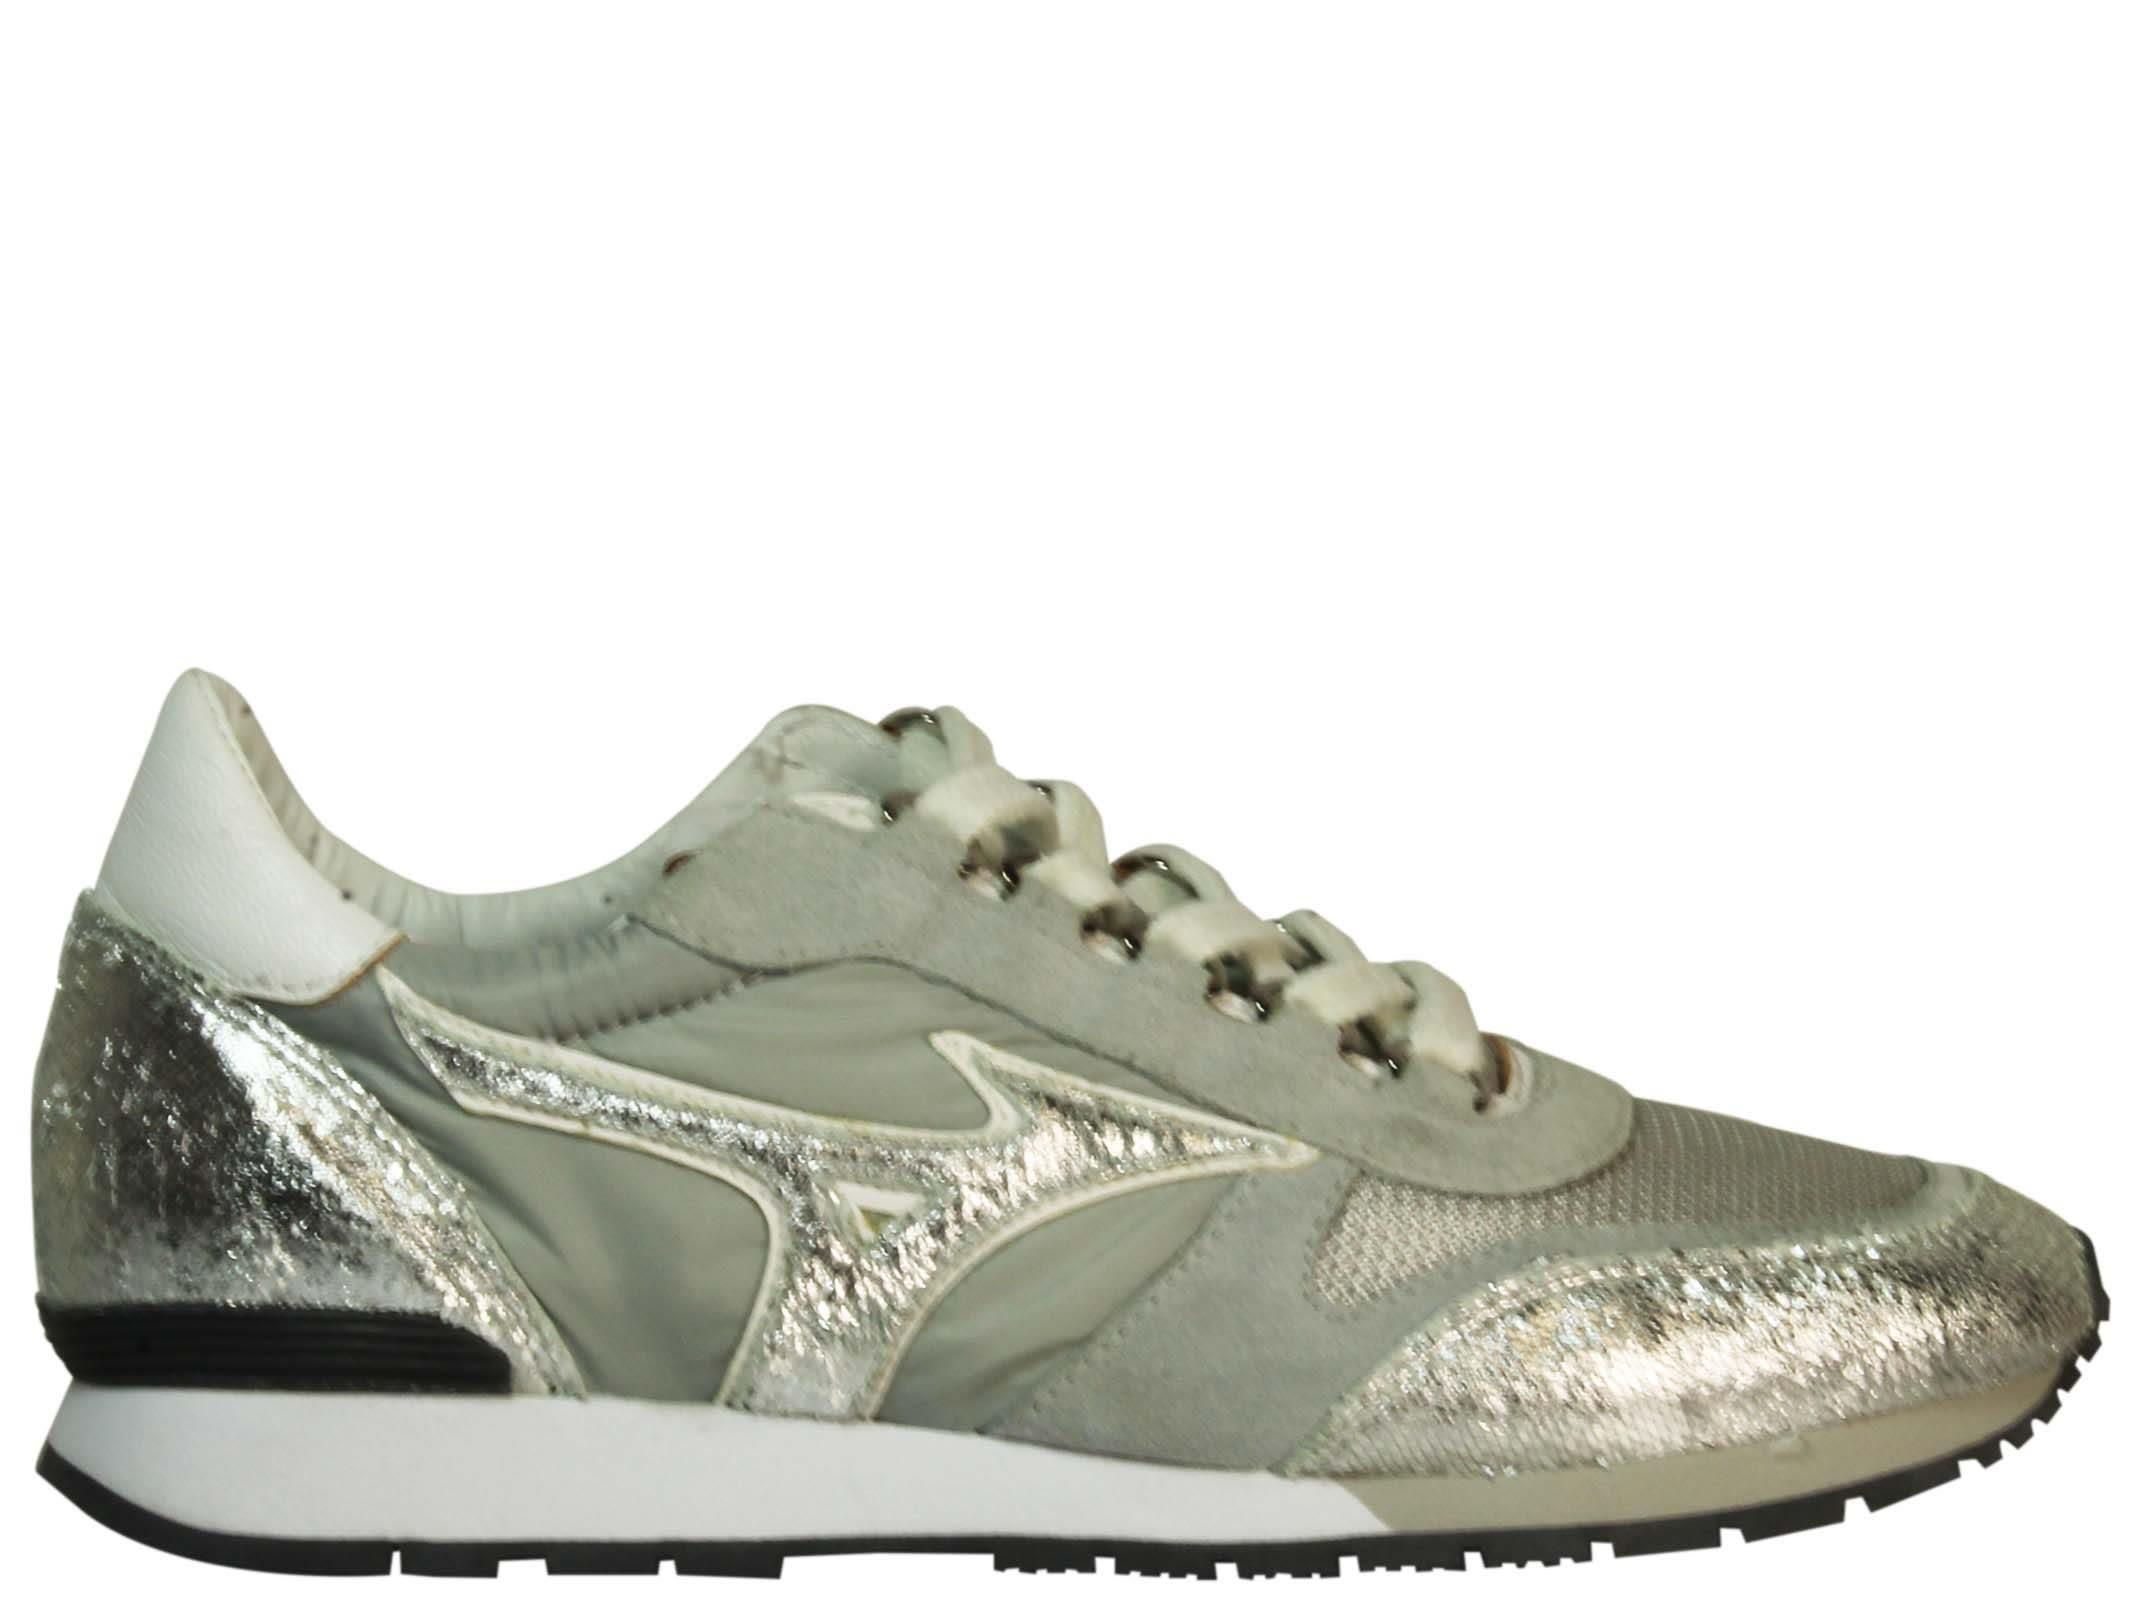 Mizuno Light Grey Naos Wos Sneakers In Silver